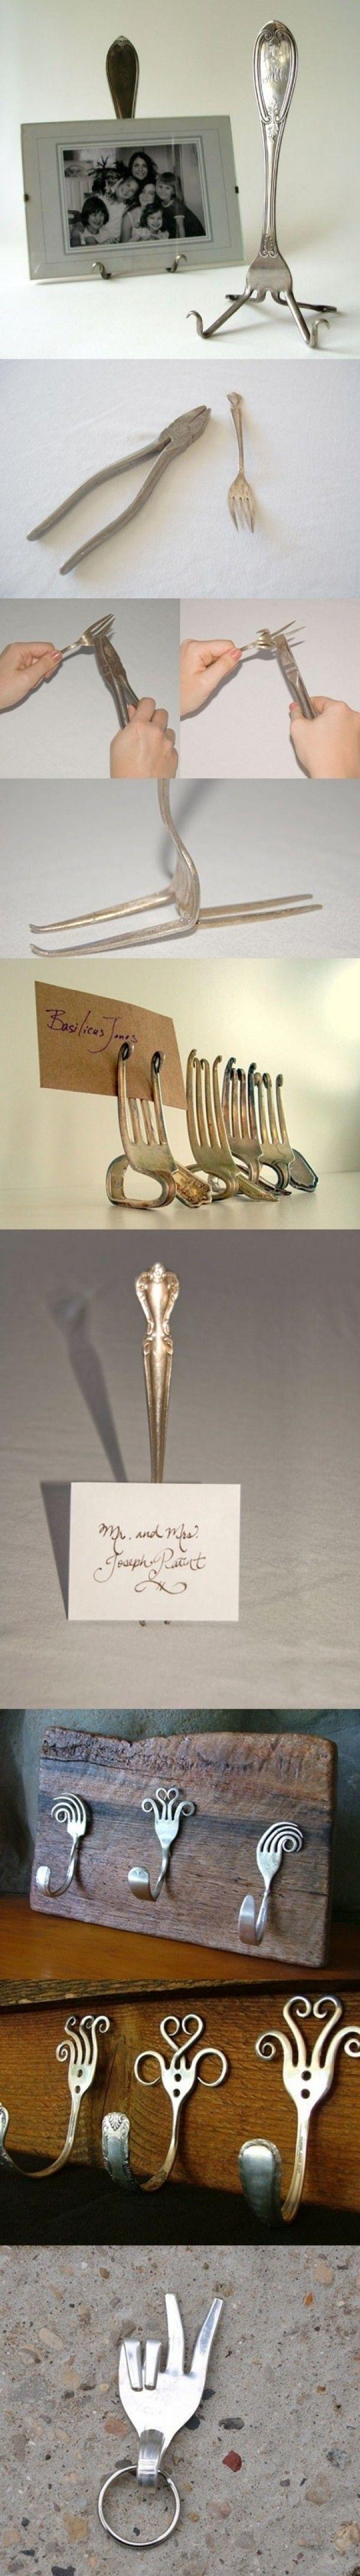 fourchettes...